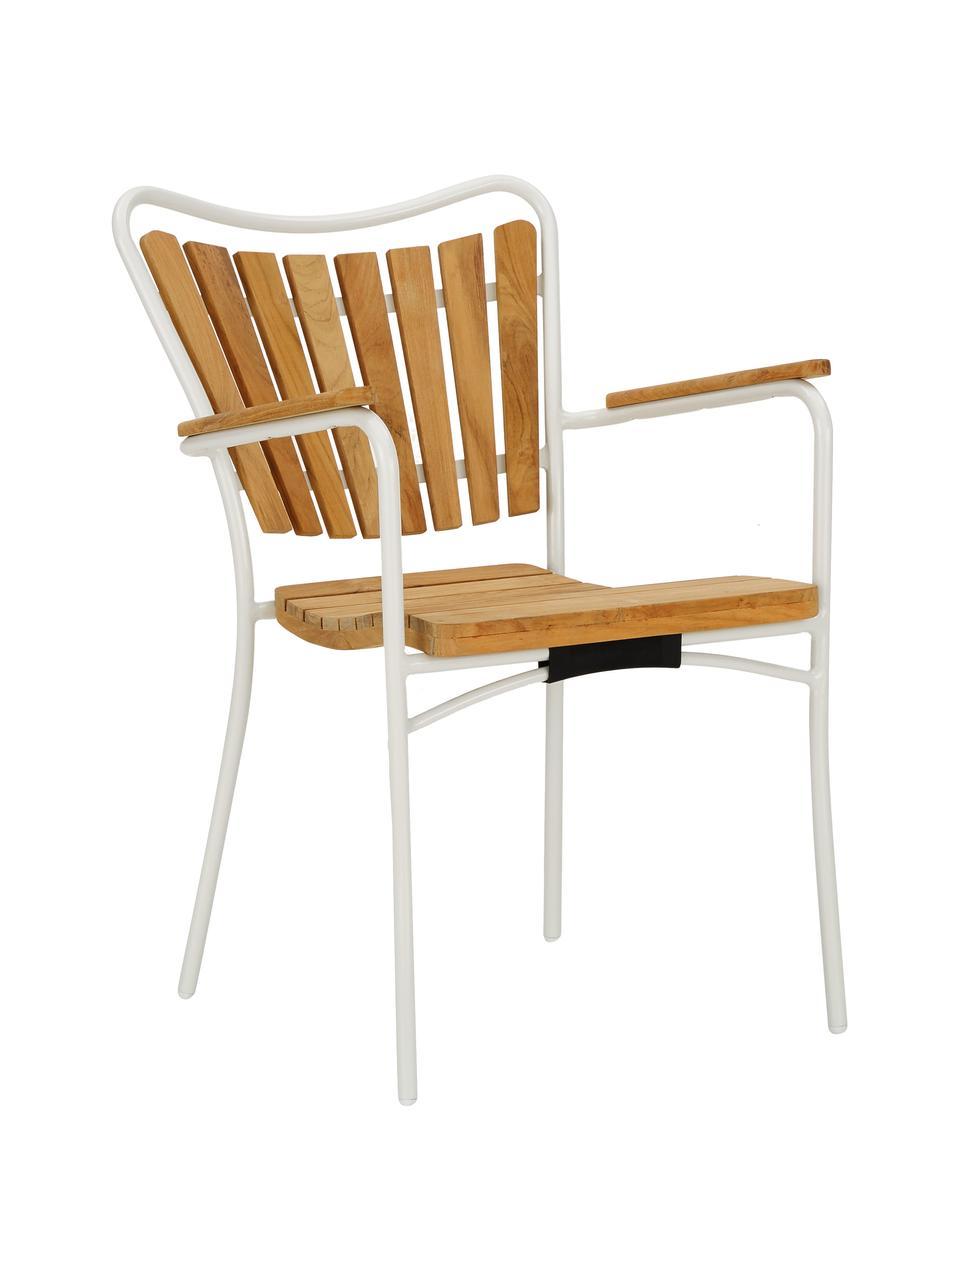 Sedia da giardino in legno con braccioli Hard & Ellen, Struttura: alluminio verniciato a po, Bianco, teak, Larg. 56 x Alt. 78 cm